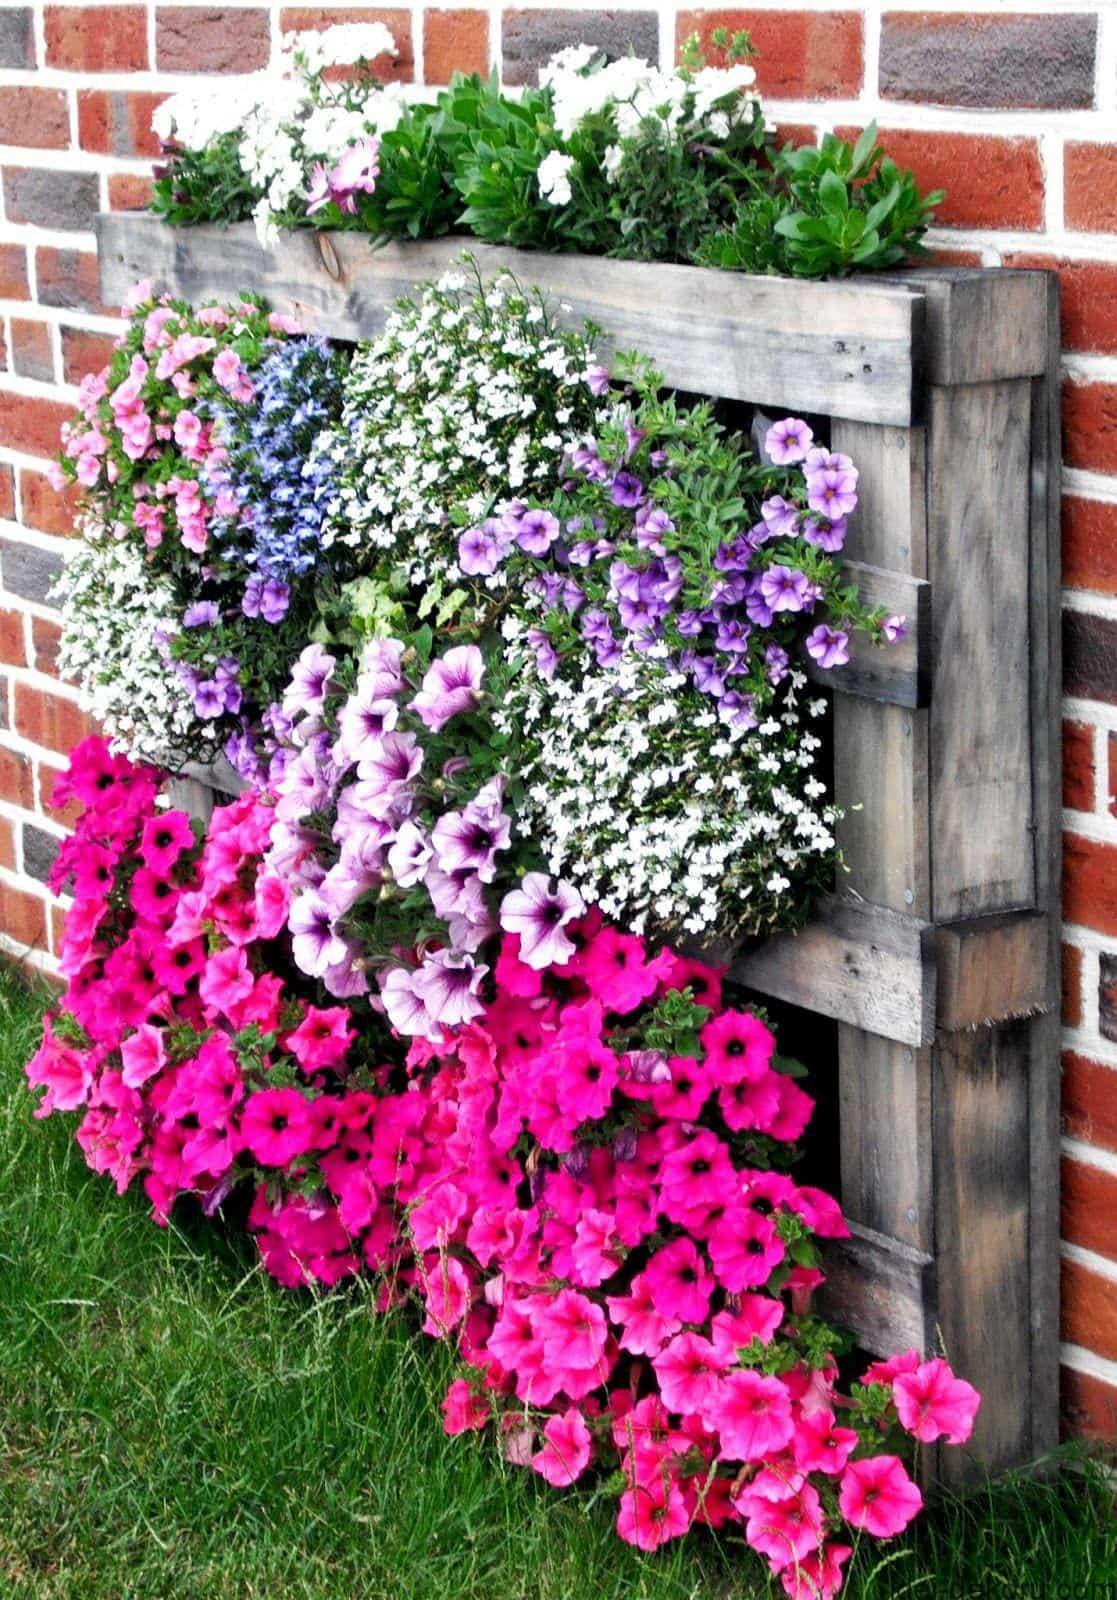 Les parterres de fleurs à faire soi-même fabriqués à partir de matériaux de récupération sont toujours dignes de respect